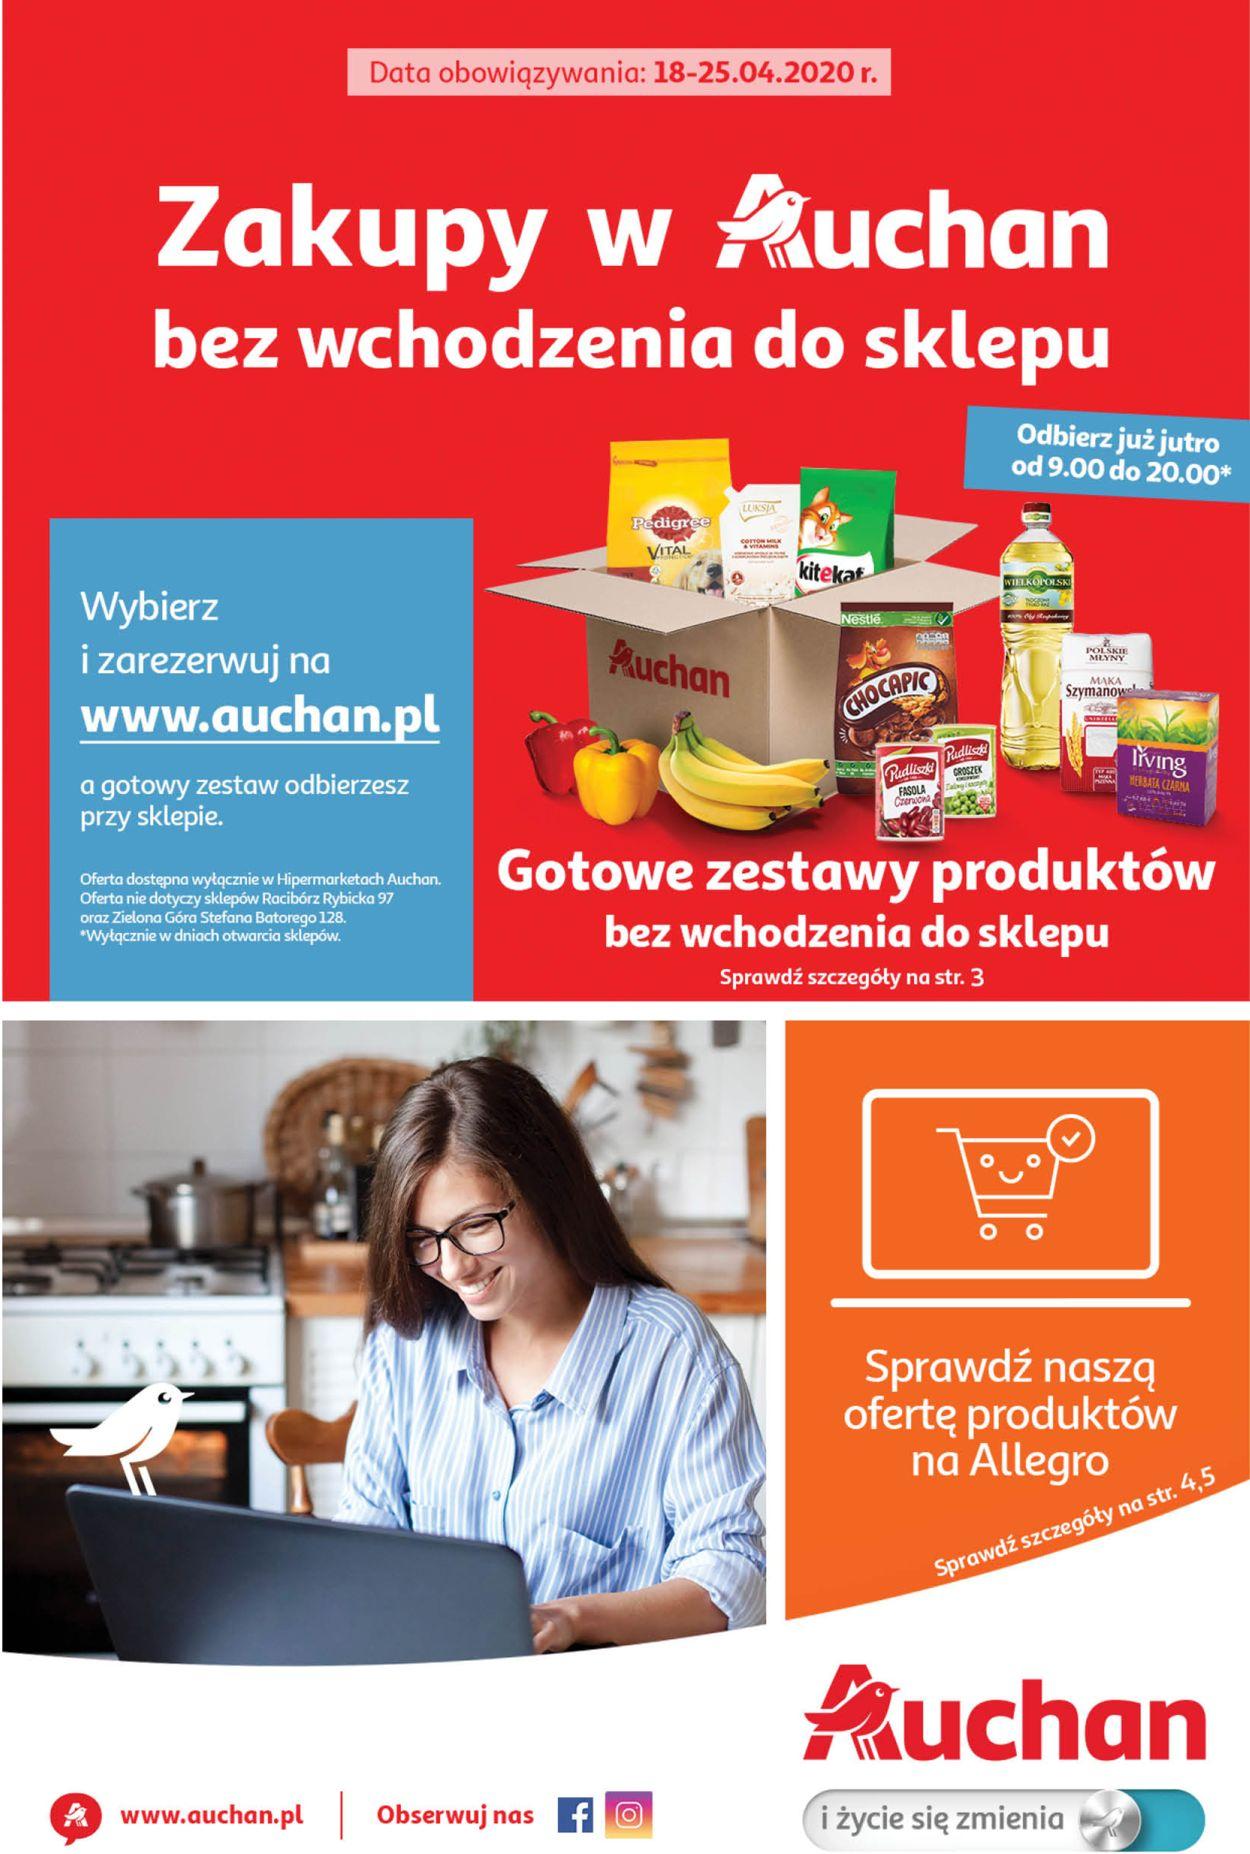 Gazetka promocyjna Auchan - 18.04-25.04.2020